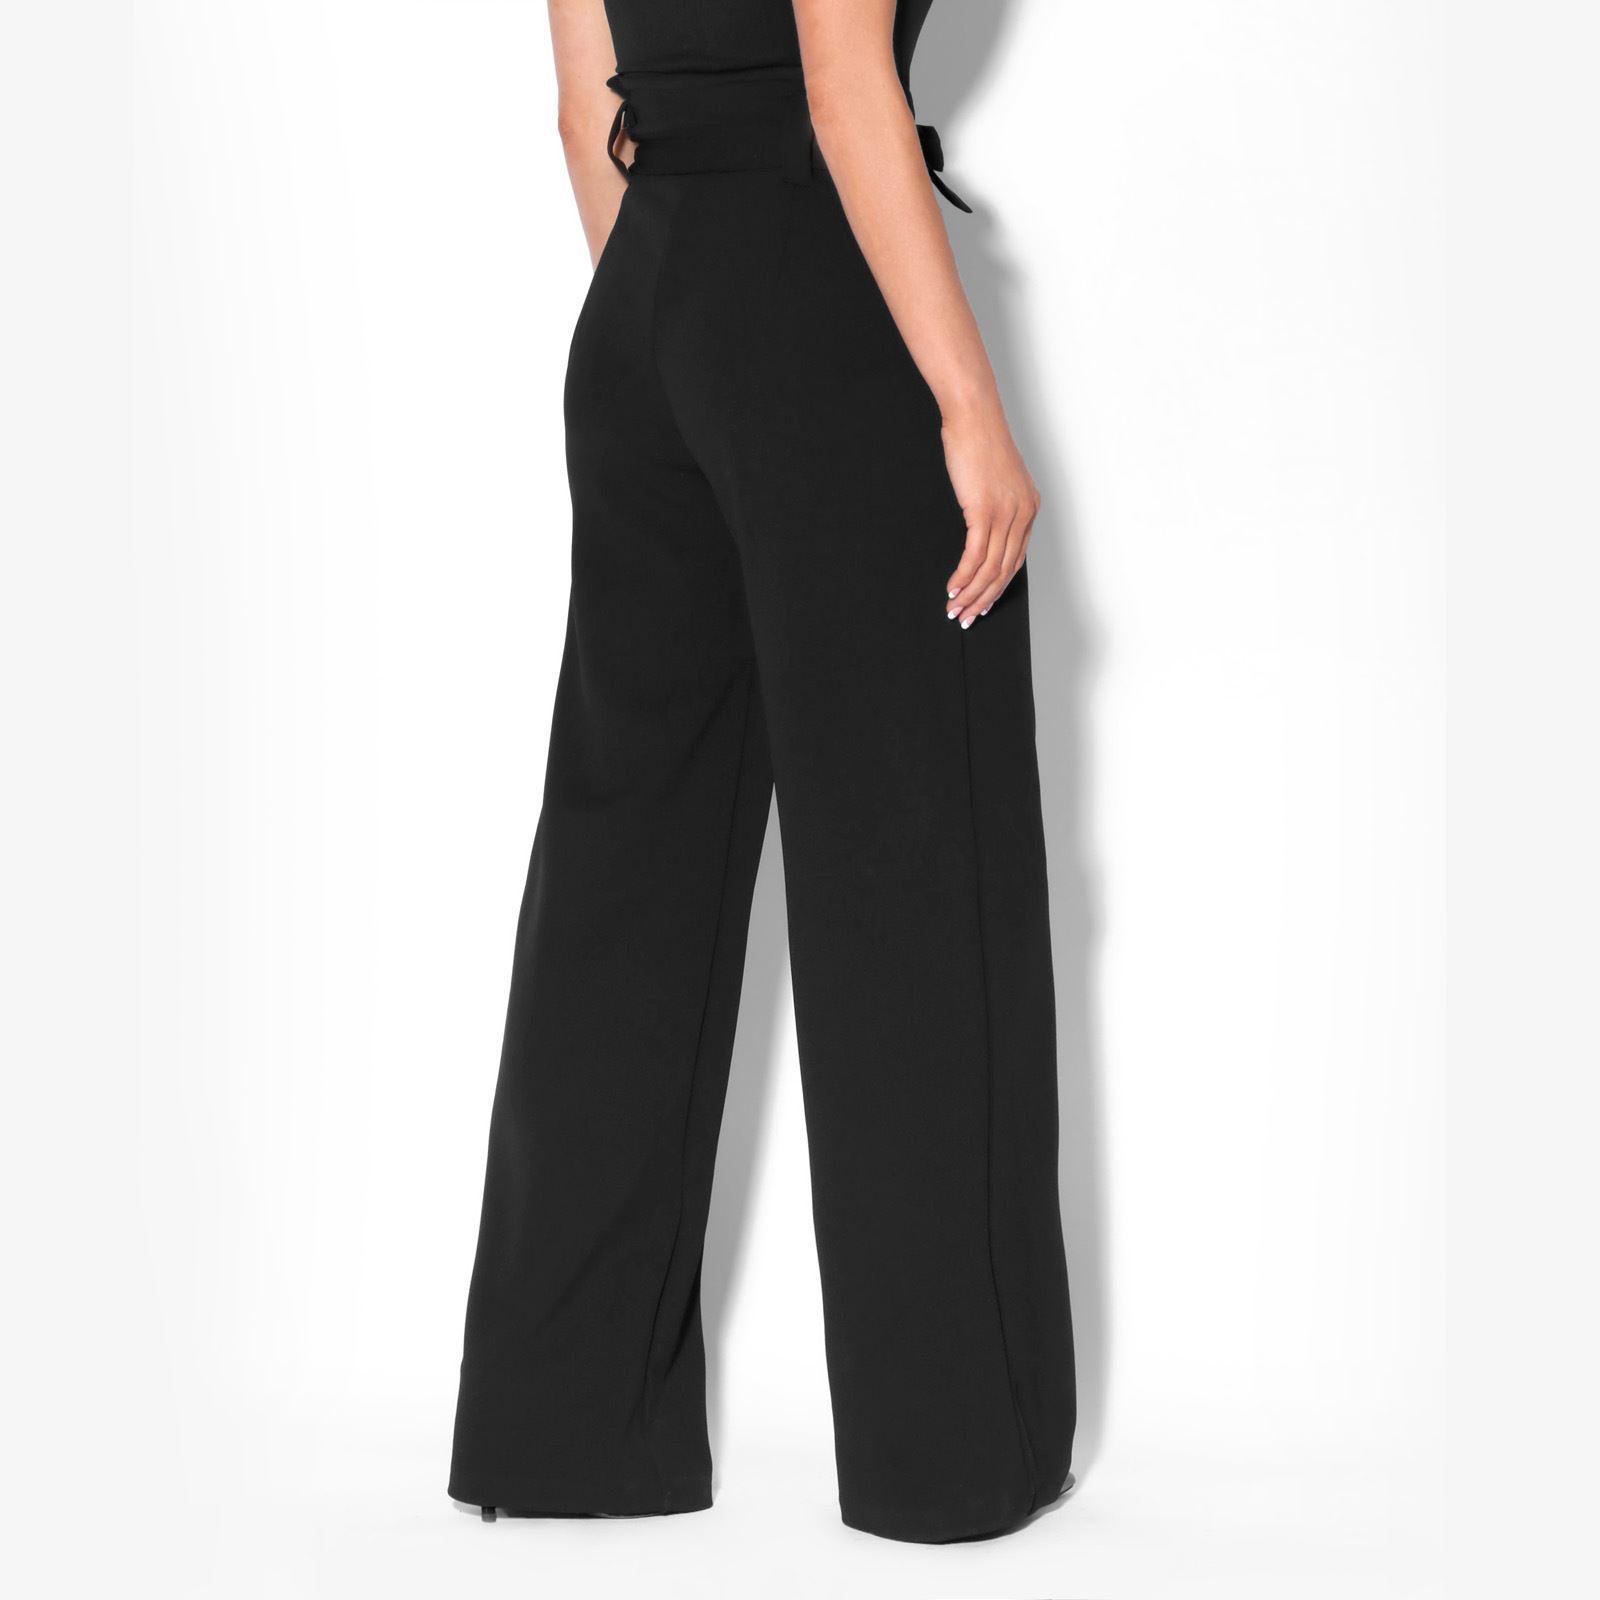 Pantalon-Femme-Grande-Taille-Ceinture-Haute-Pas-Cher-Evase-Fluide-Chic-Ample miniature 5